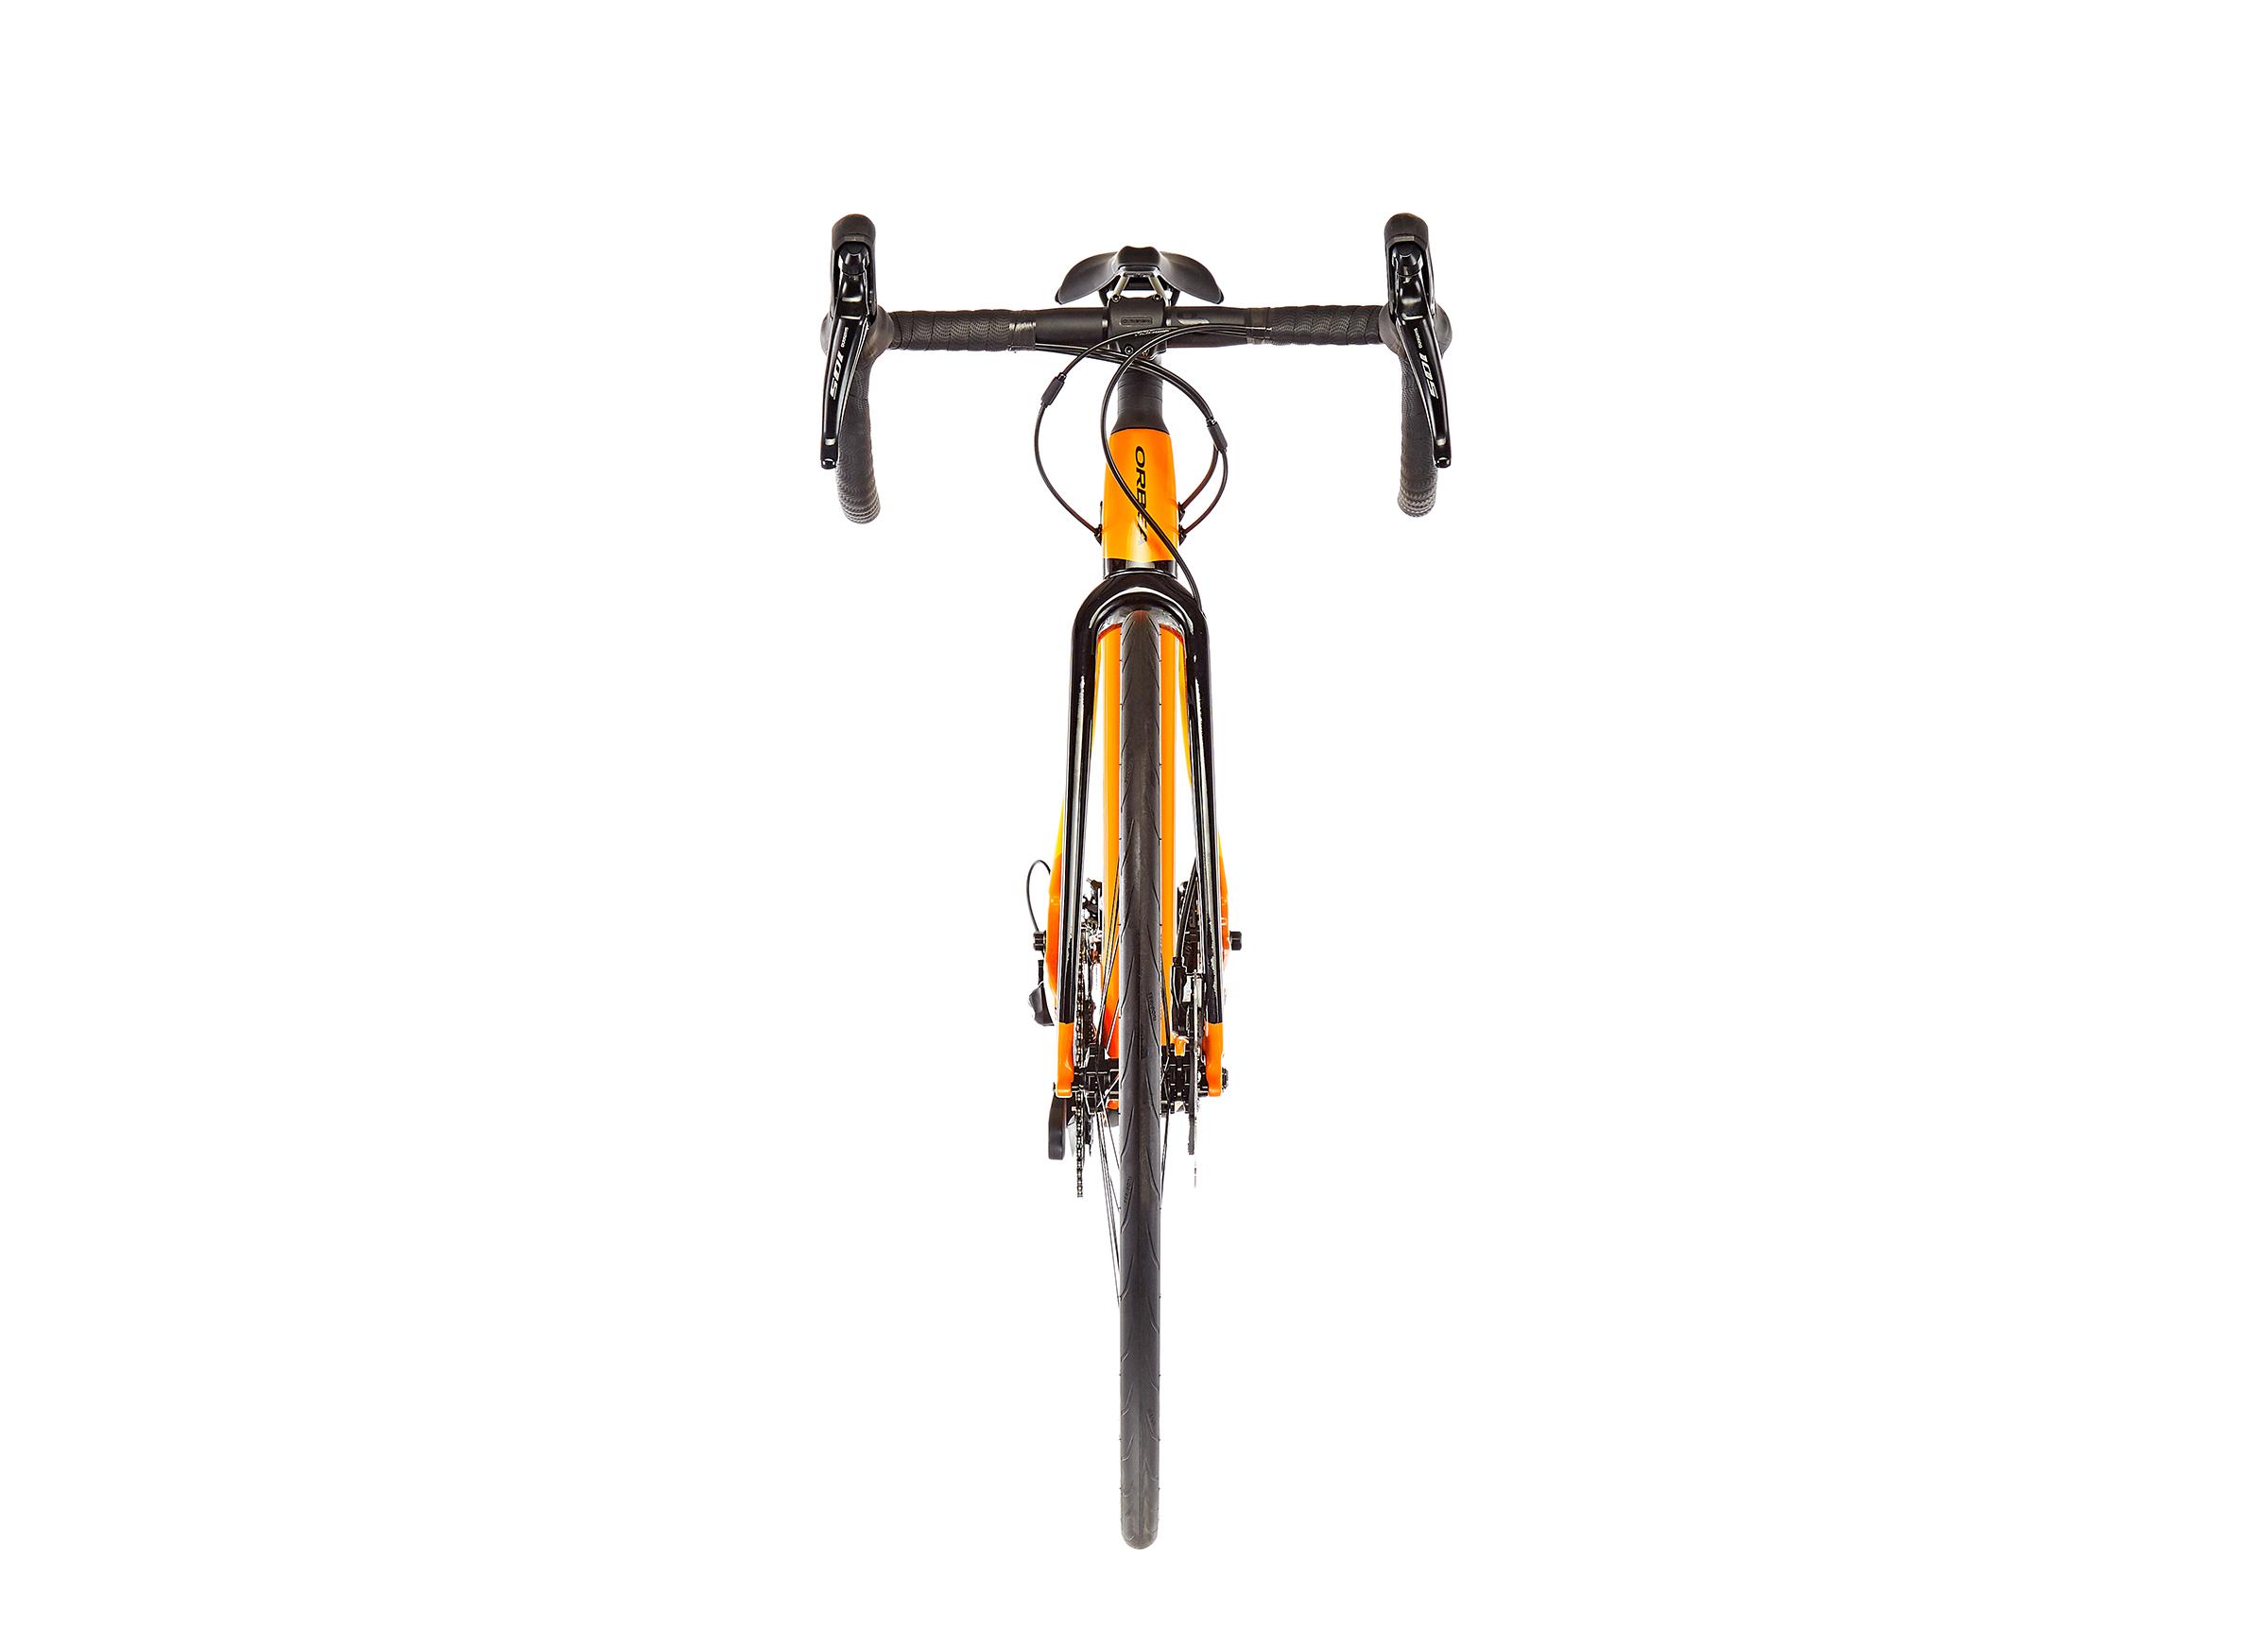 ORBEA Gain M30 orange/yellow